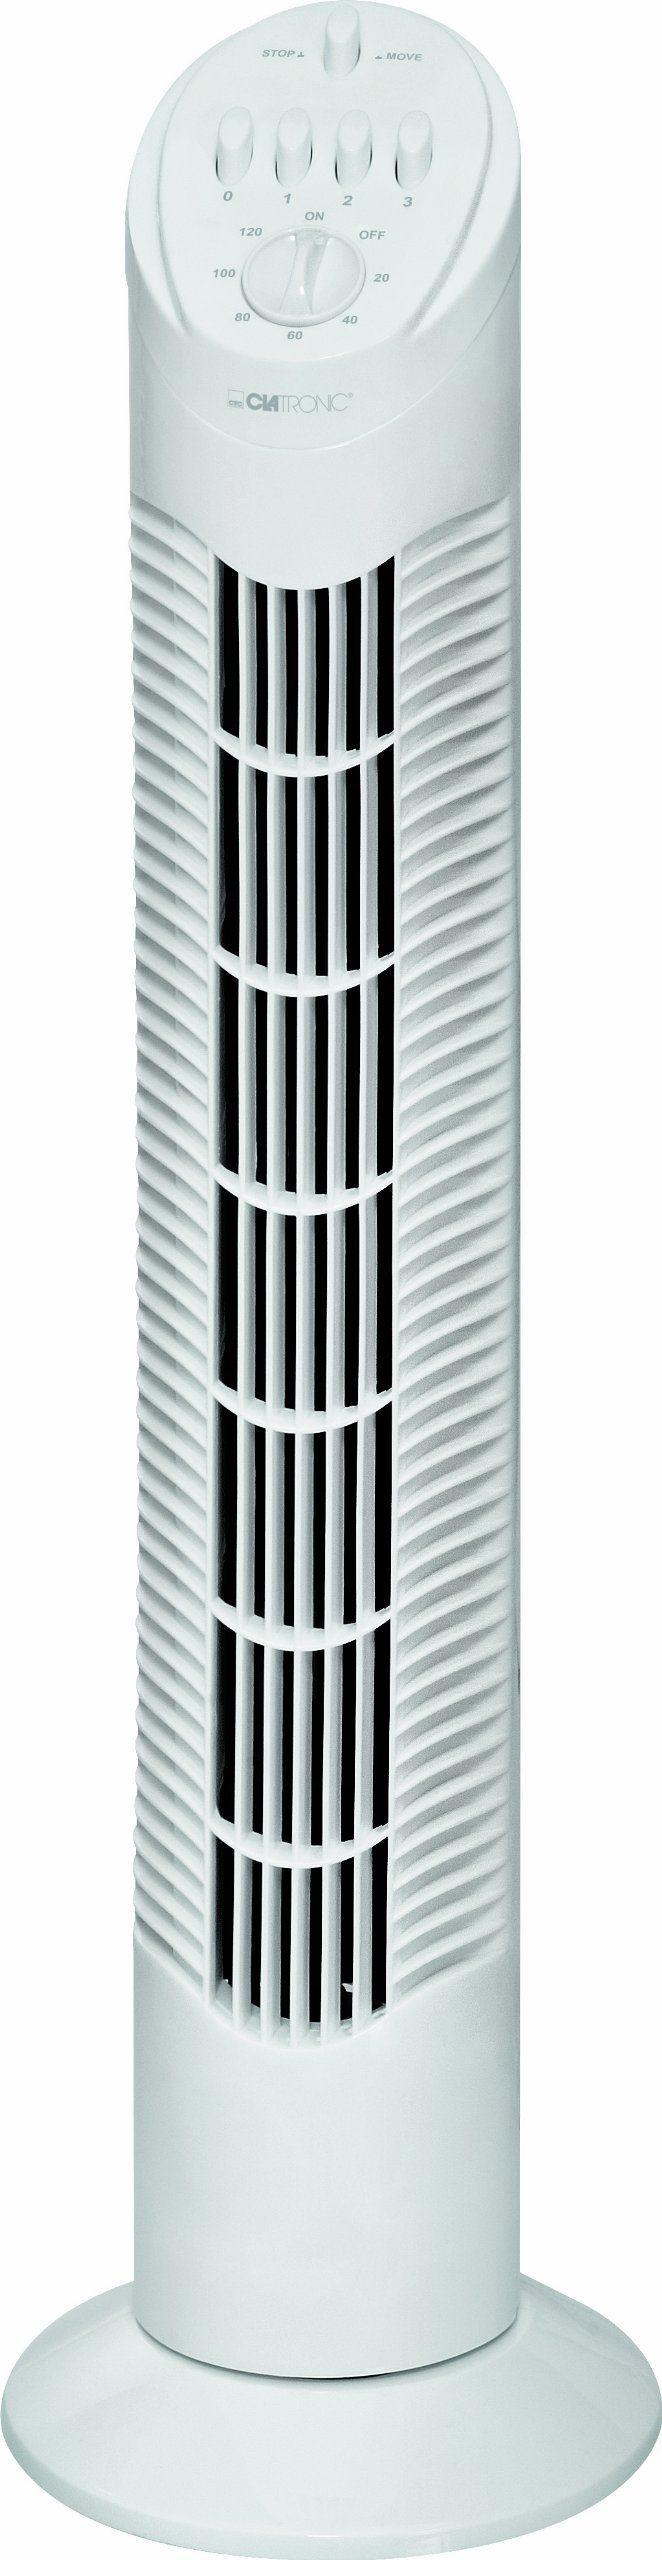 Clatronic Ventilateur oscillant colonne T-VL 3546